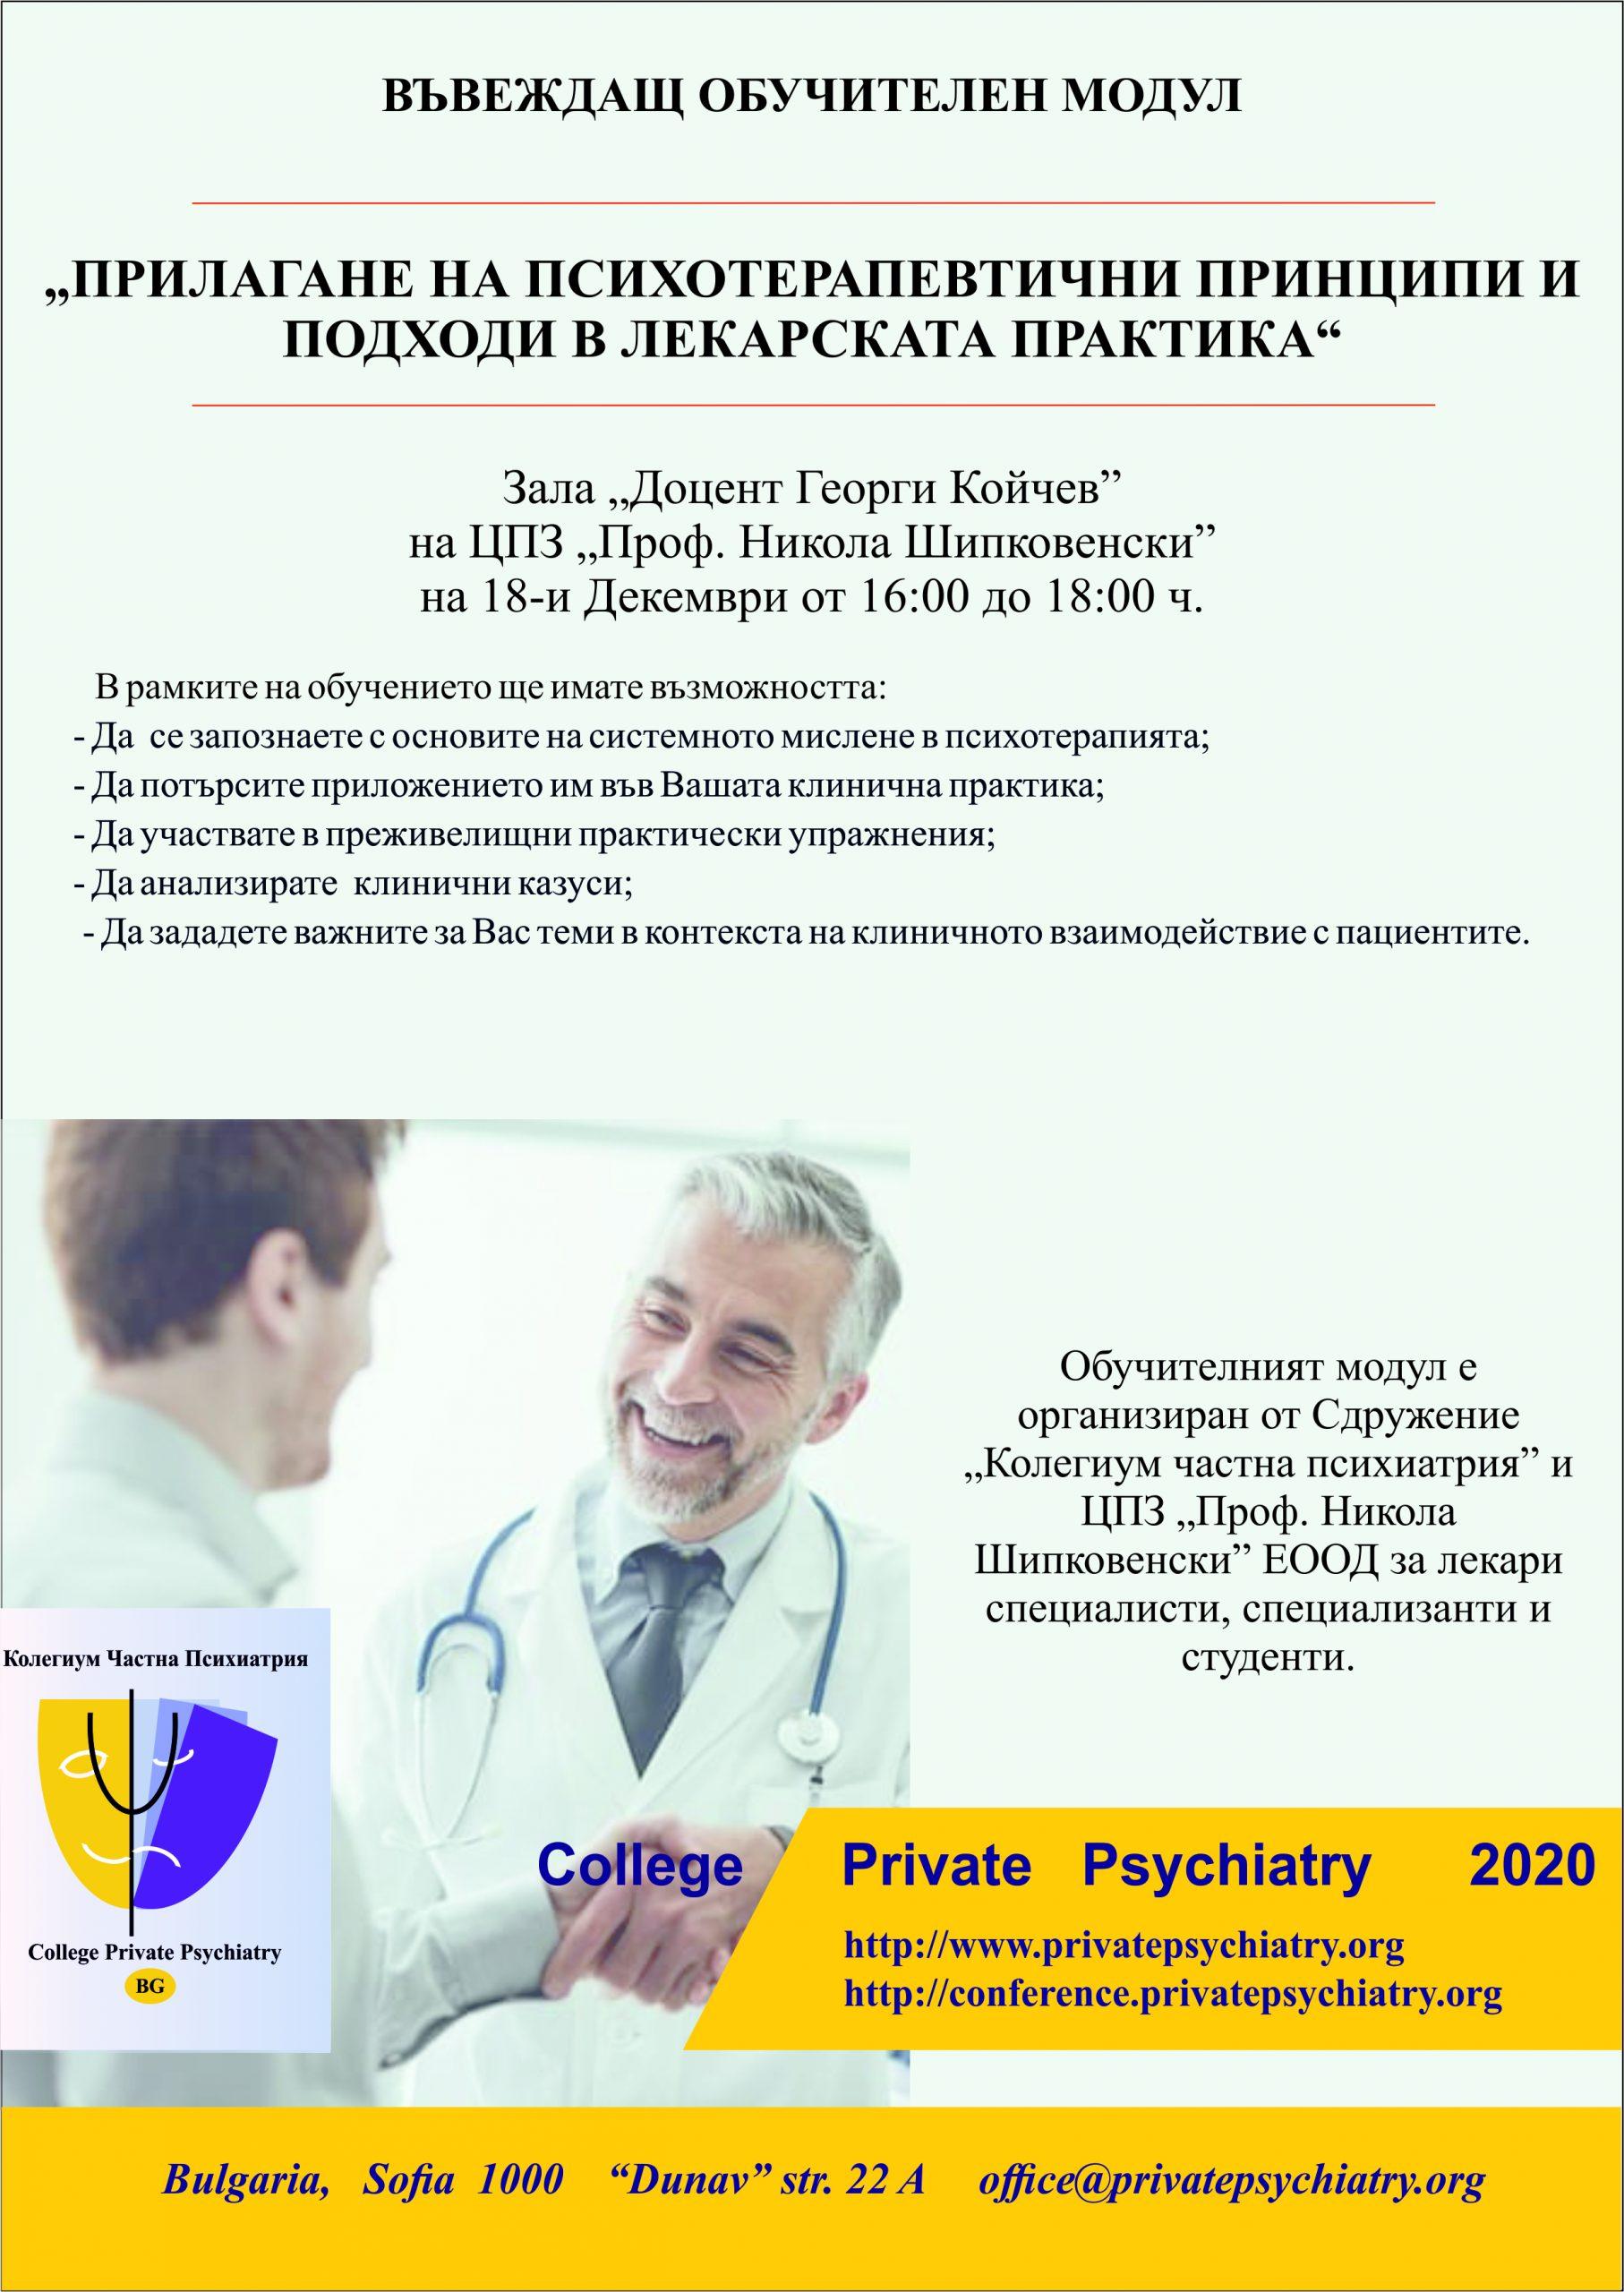 Въвеждащ-модул_психотерапевтични-подходи-в-лекарската-практика